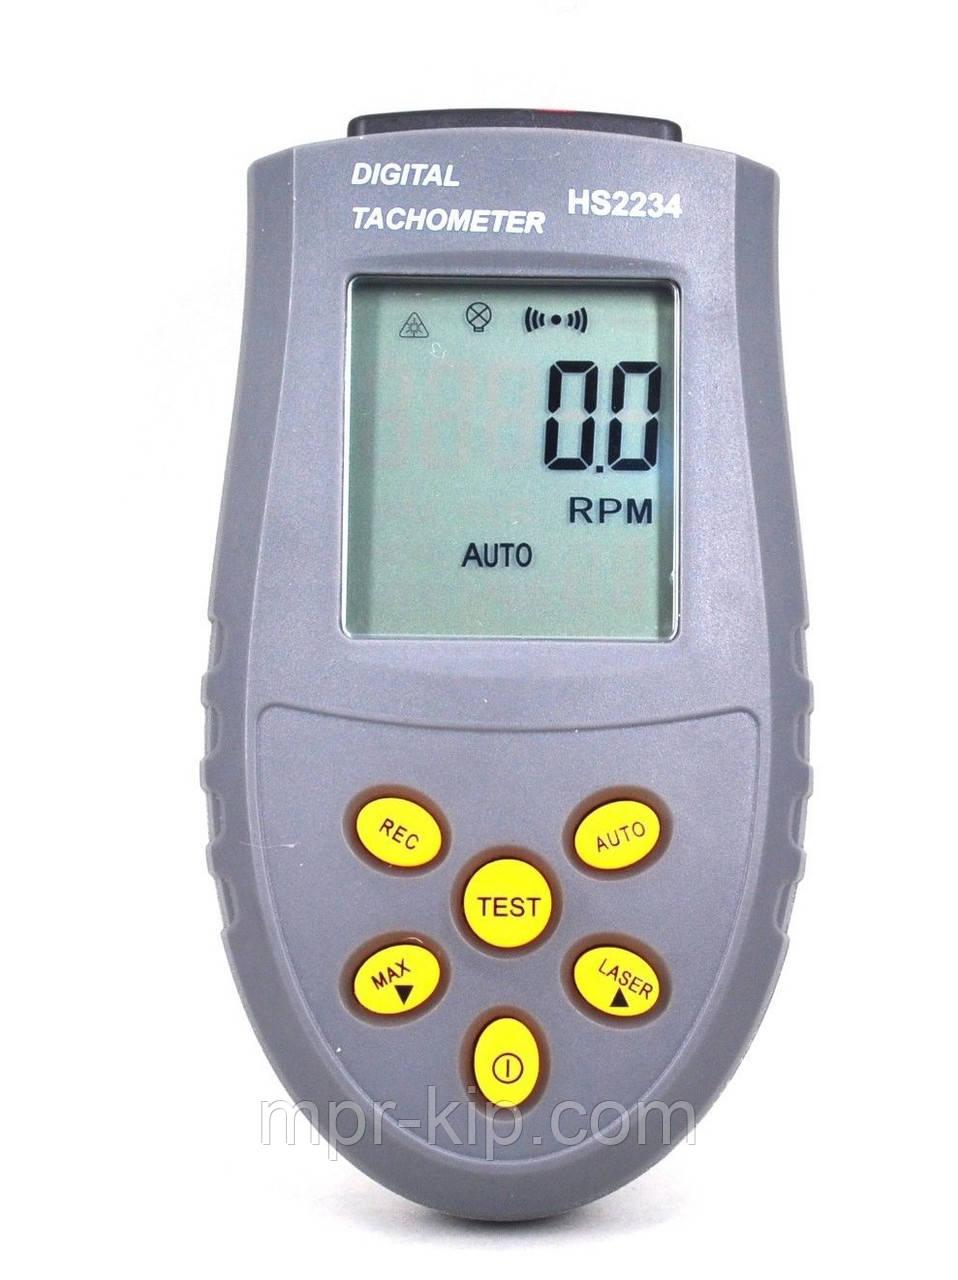 Лазерный бесконтактный тахометр Tasi HS2234 (SR2740) (от 2,5 до 99999 об/мин;50 - 500мм) память на 50 значений